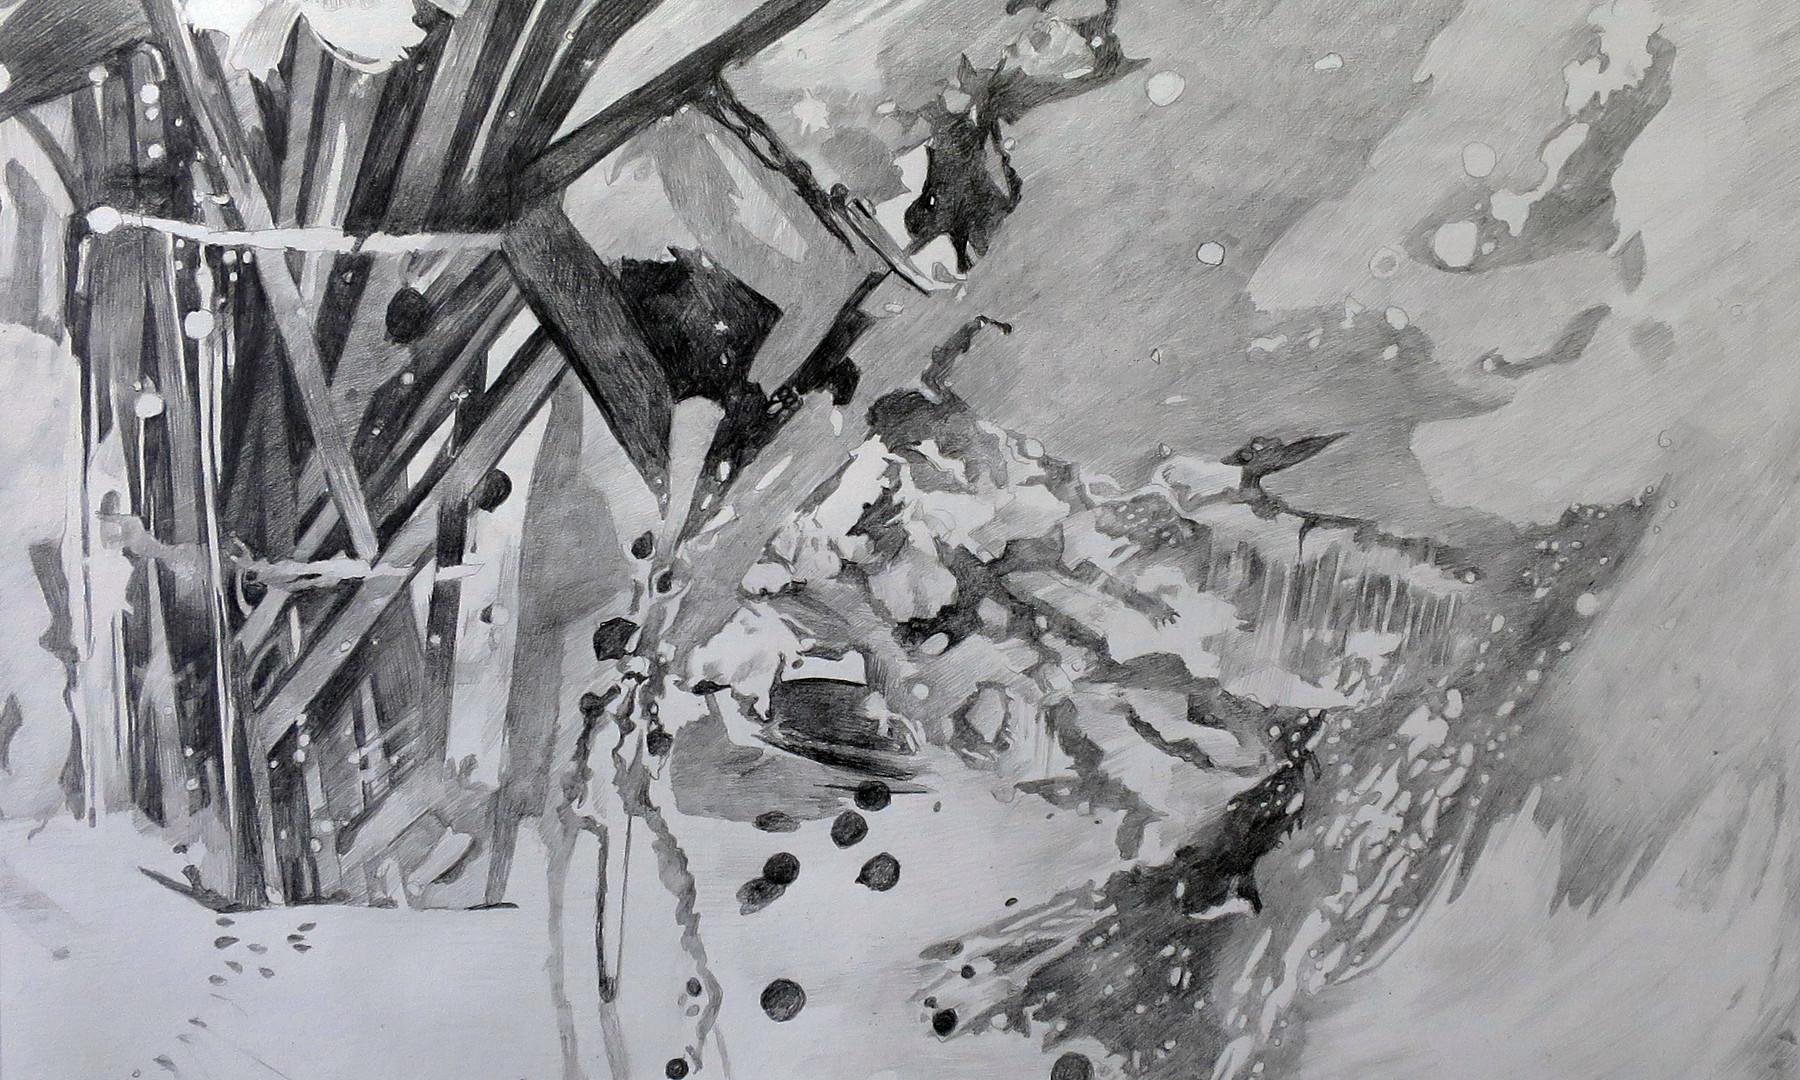 Dessiner la peinture 20 - L'Art de la peinture, XXXIII, La Connaissance (détail)